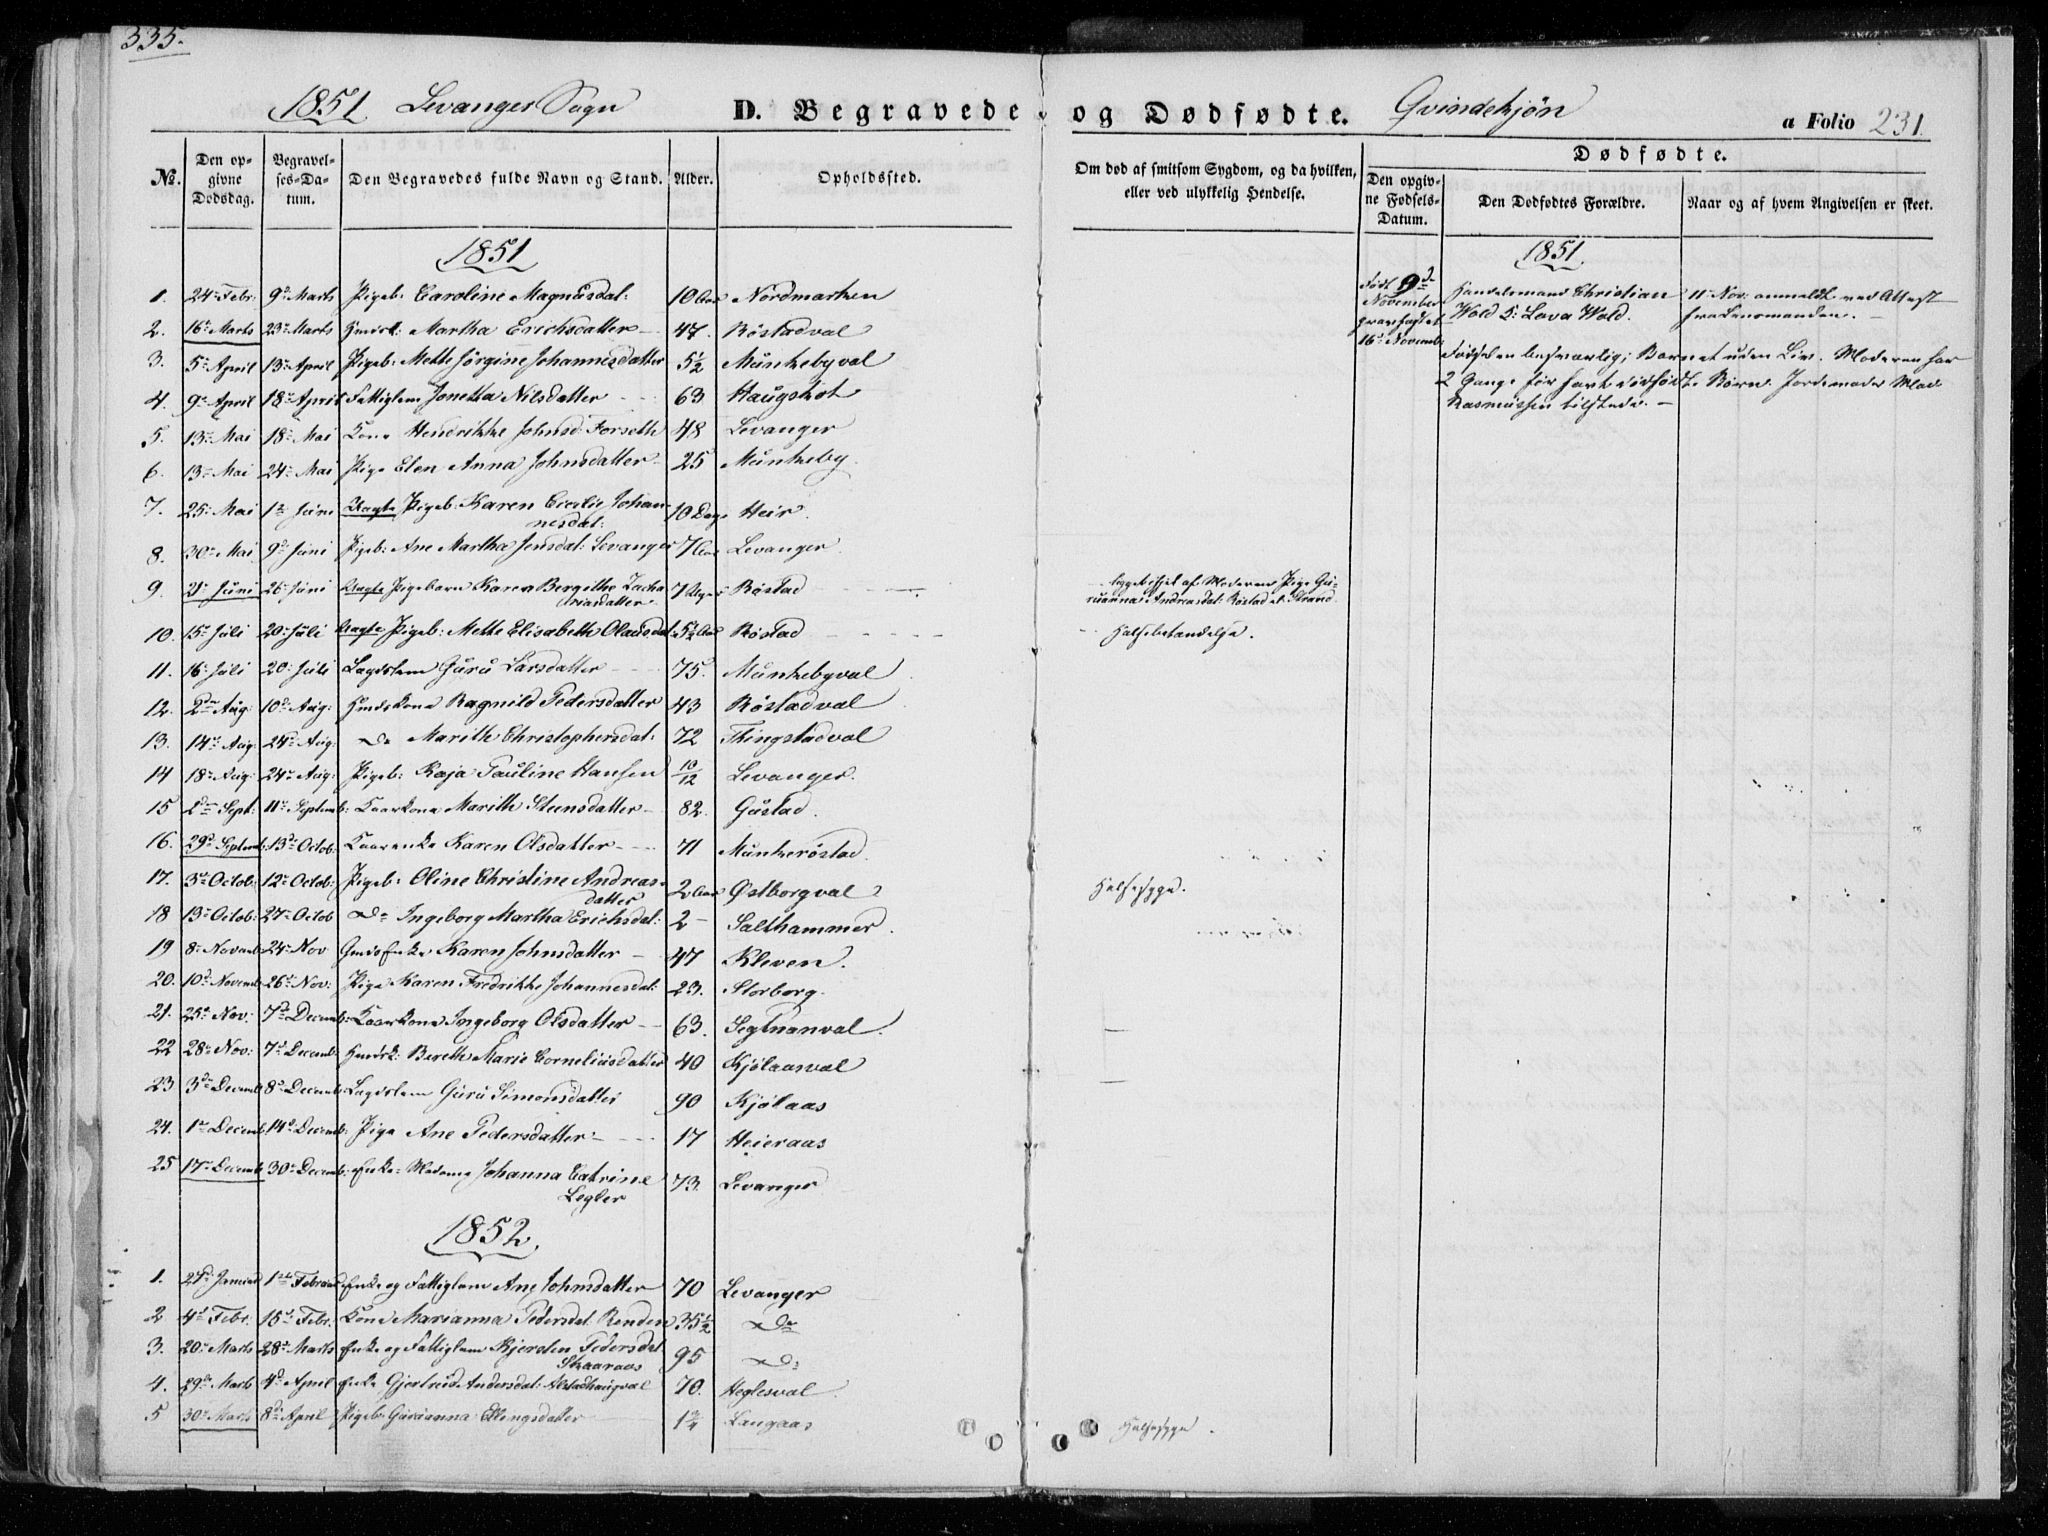 SAT, Ministerialprotokoller, klokkerbøker og fødselsregistre - Nord-Trøndelag, 720/L0183: Ministerialbok nr. 720A01, 1836-1855, s. 231